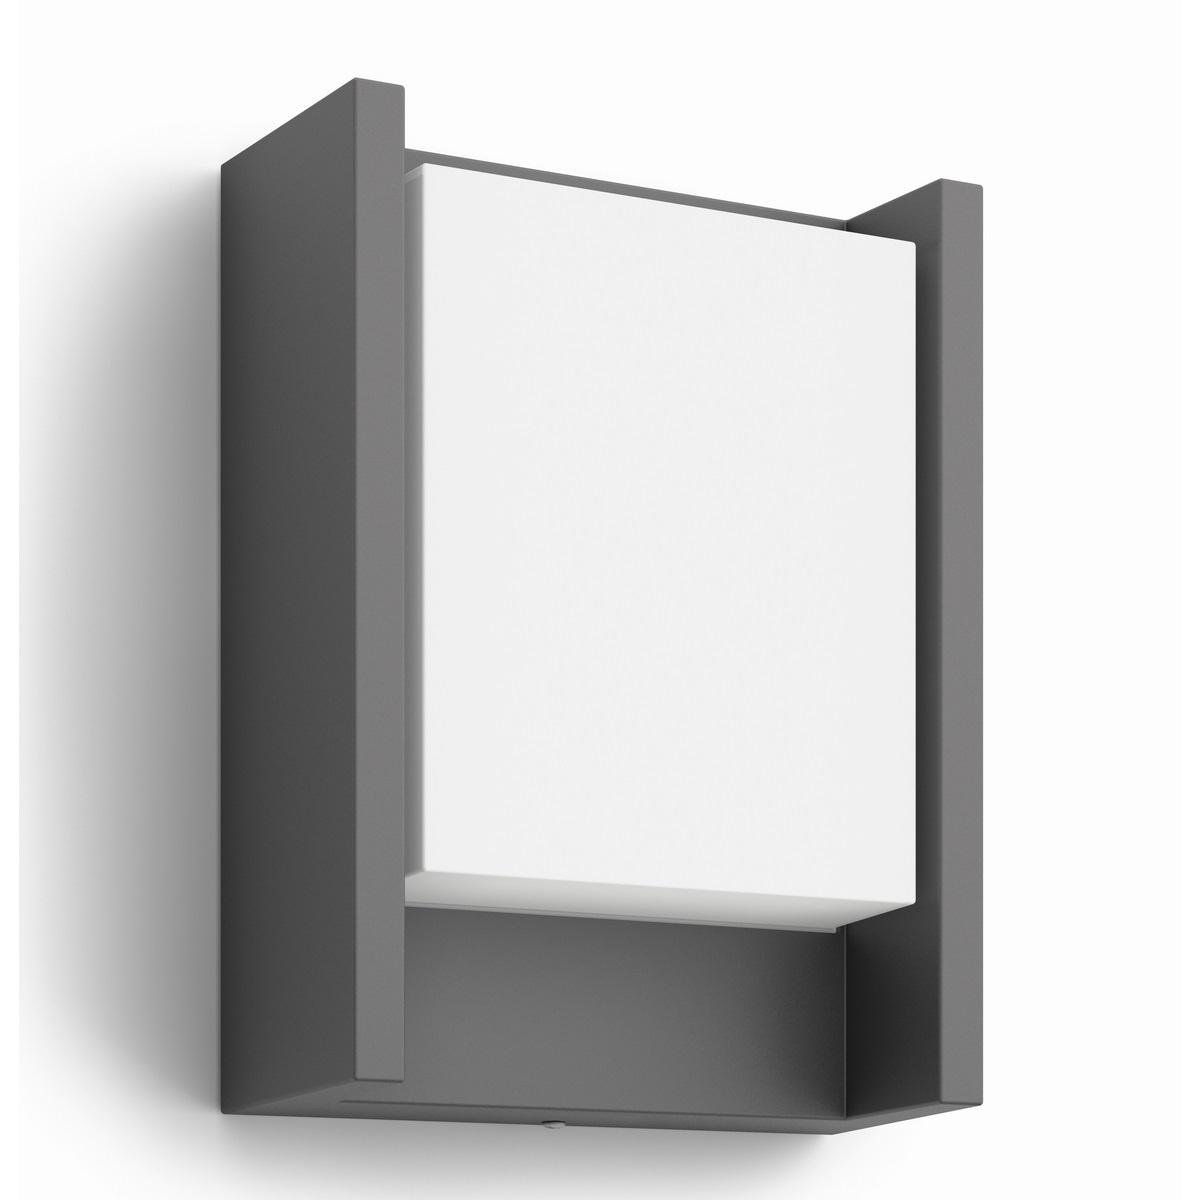 Philips 16460/93/16 Arbour Venkovní nástěnné LED svítidlo 22 cm, antracit